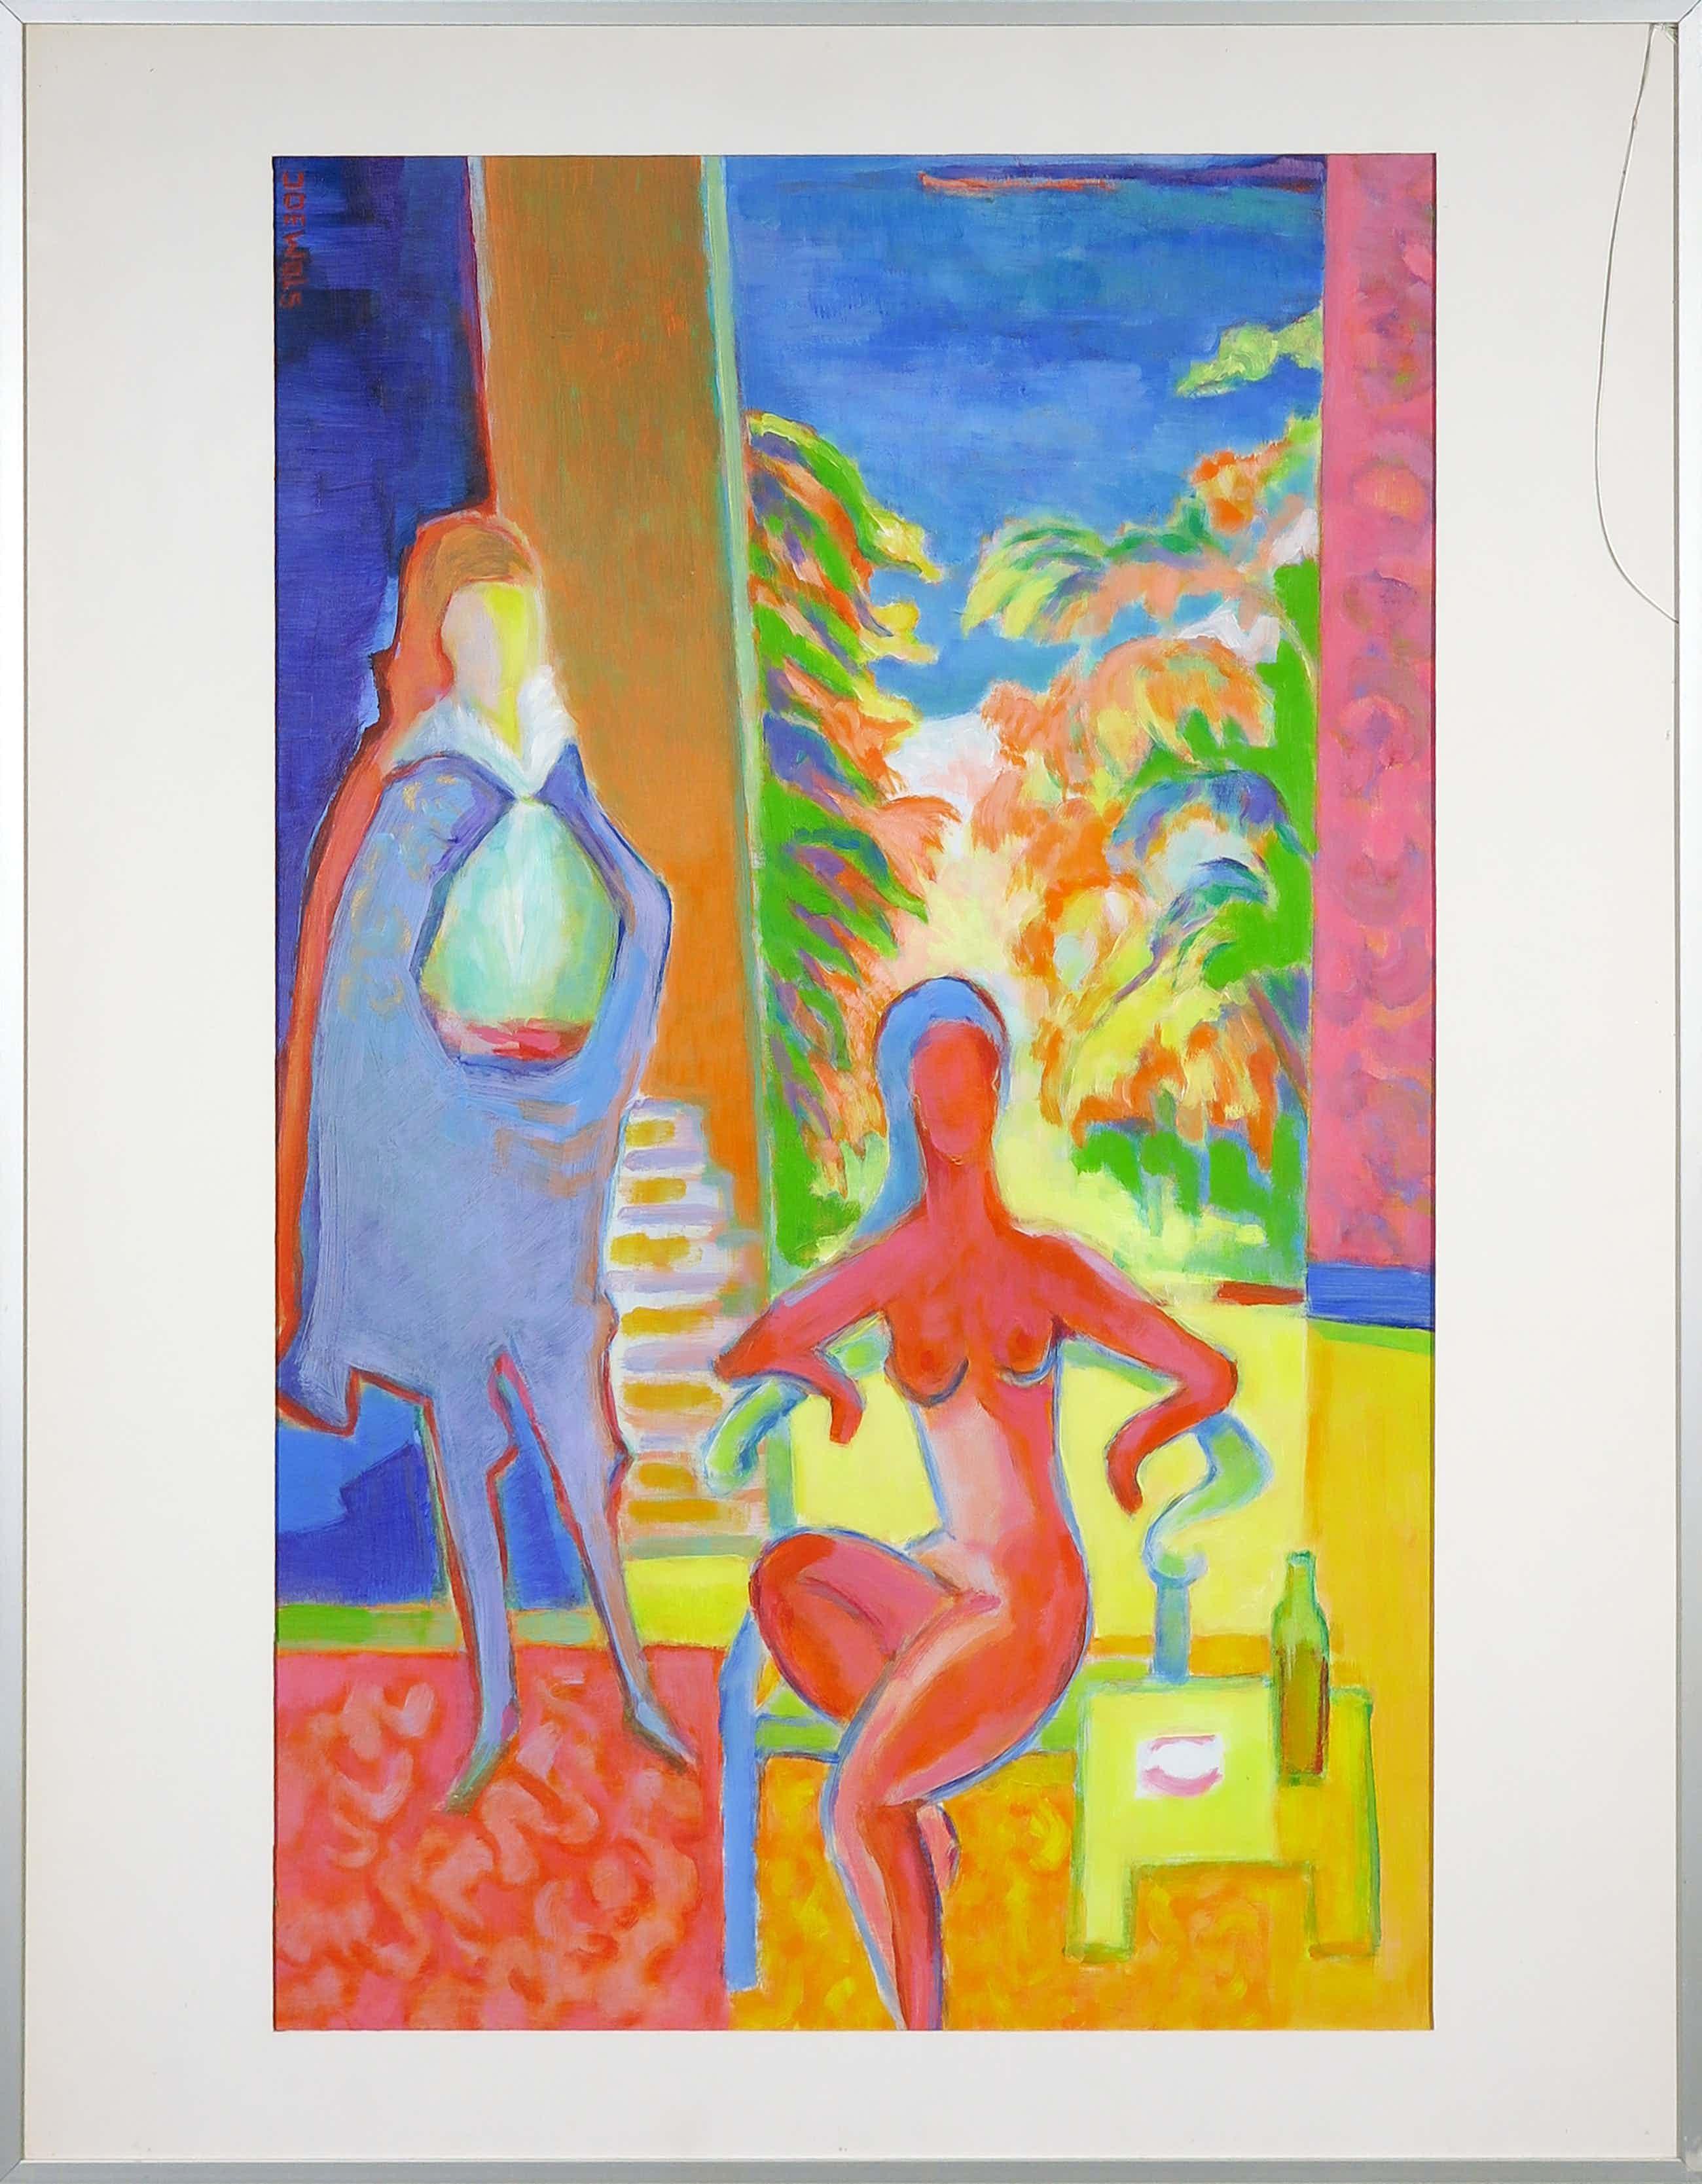 Joe Wols - Acryl op papier, Twee figuren in een interieur - Ingelijst kopen? Bied vanaf 50!